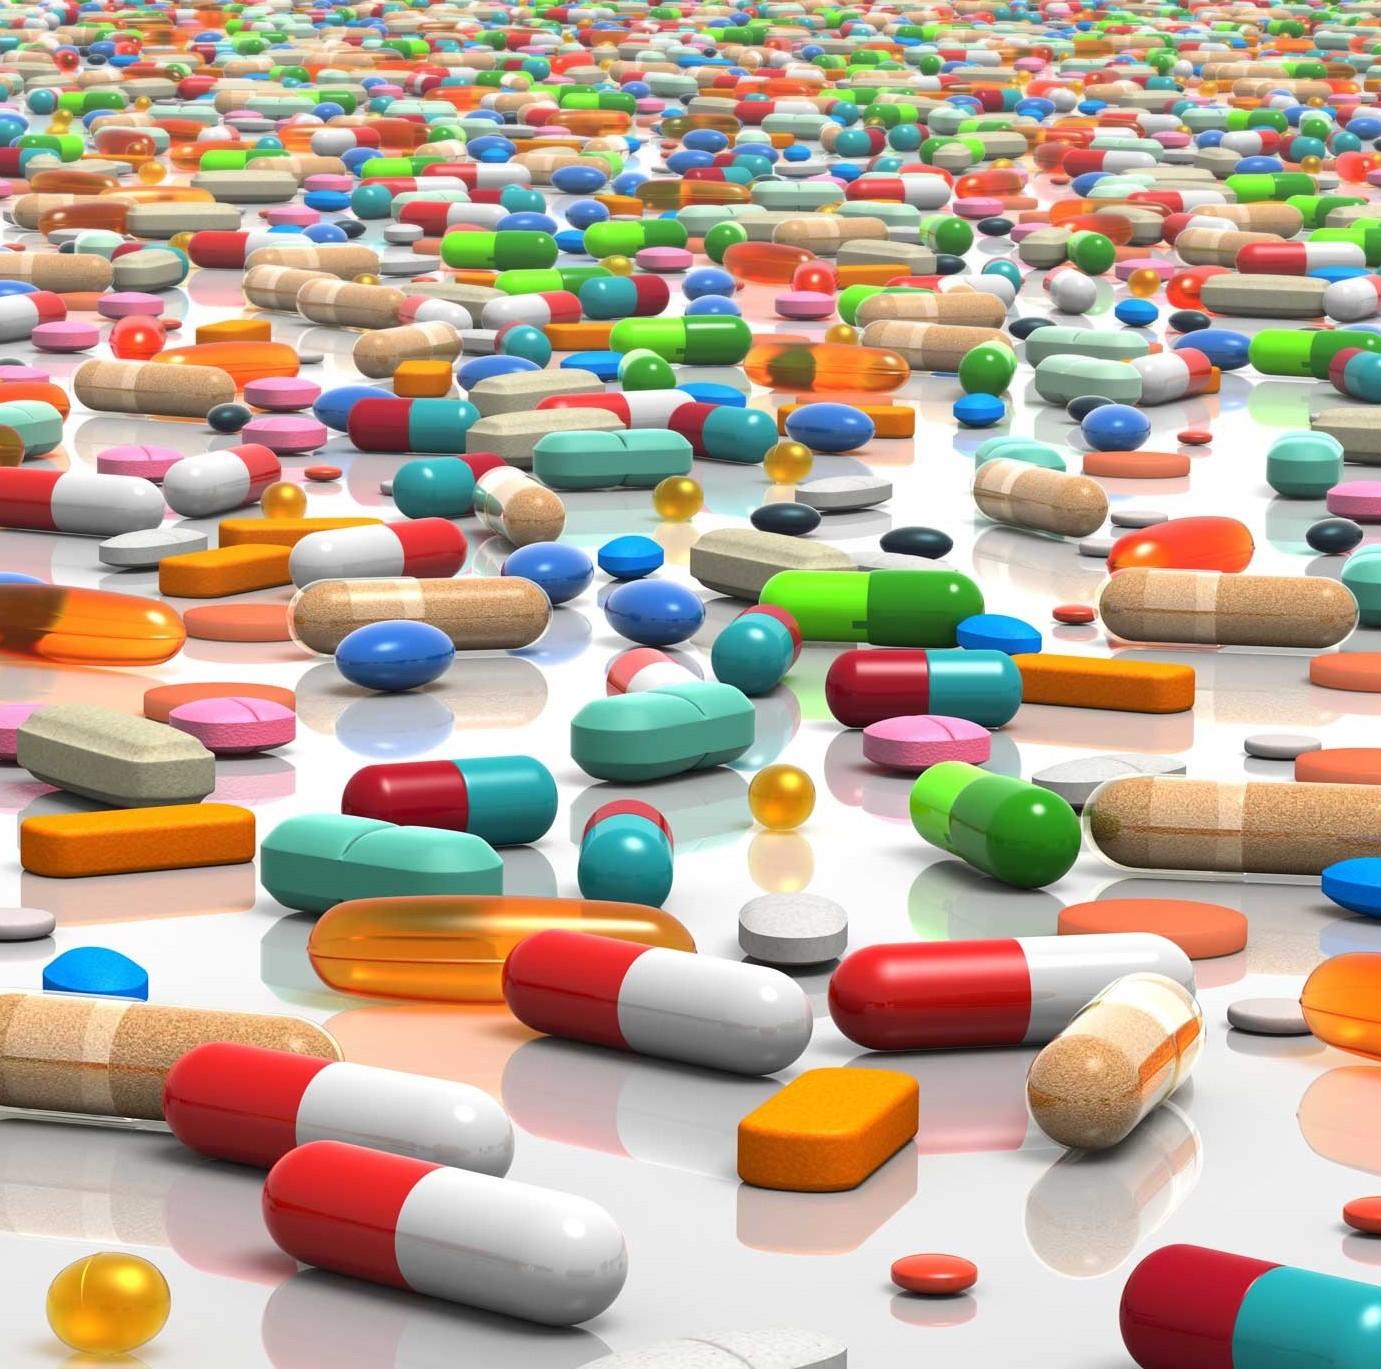 Ritiro di numerosi medicinali da farmaci